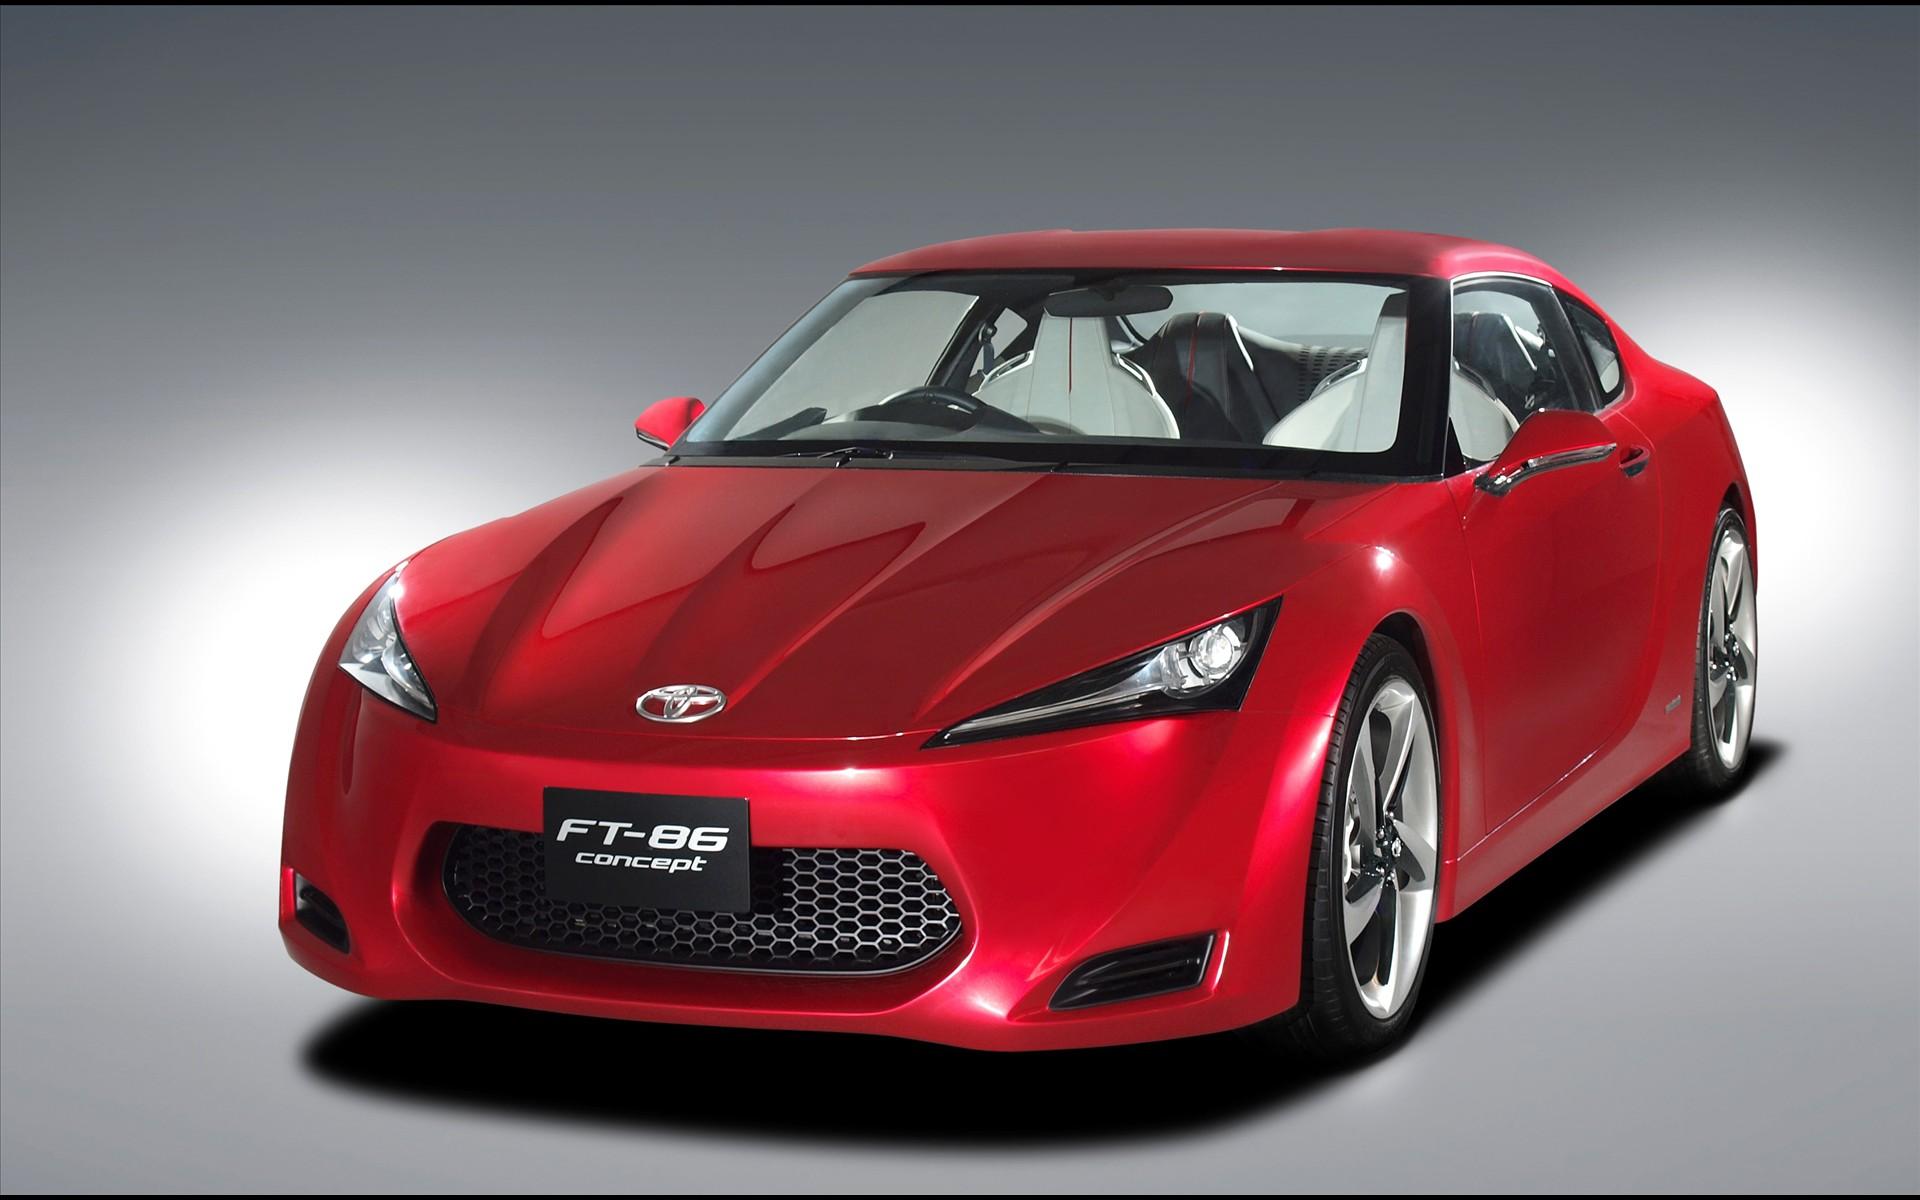 daftar mobil terbaru sepanjang tahun 2012 toyota nasmoco semarang. Black Bedroom Furniture Sets. Home Design Ideas